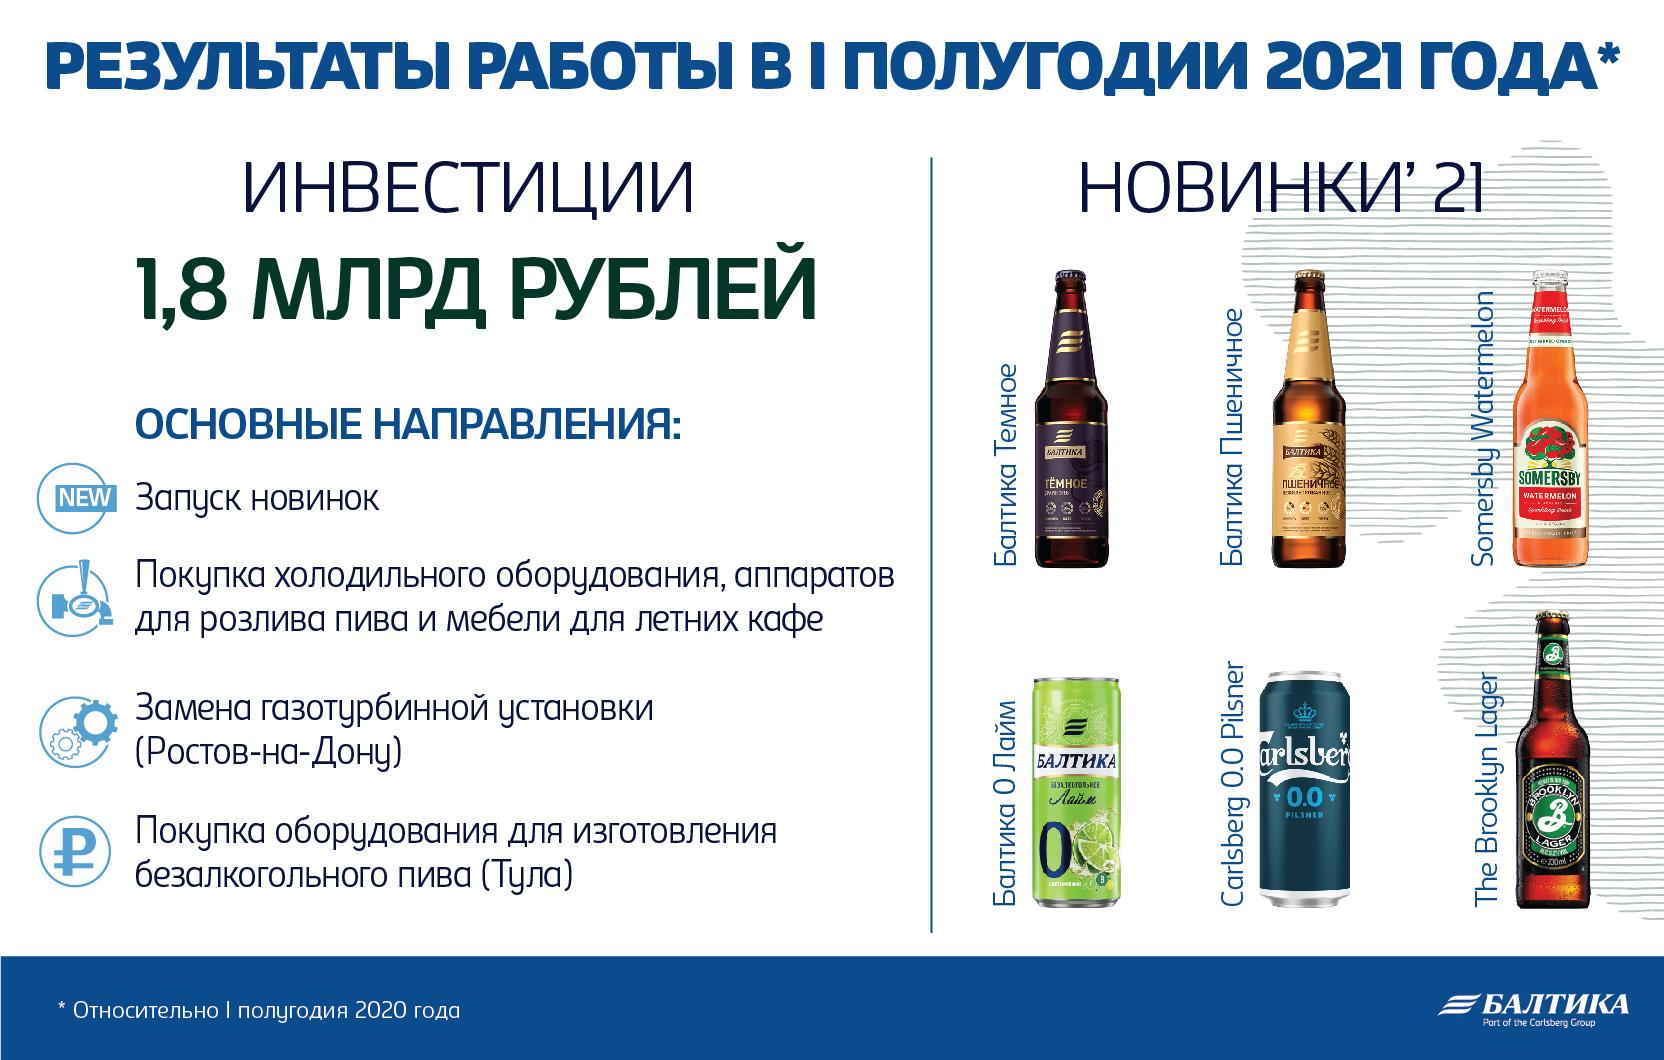 В первом полугодии 2021 года «Балтика» увеличила продажи на 6% за счет высокой динамики первого квартала